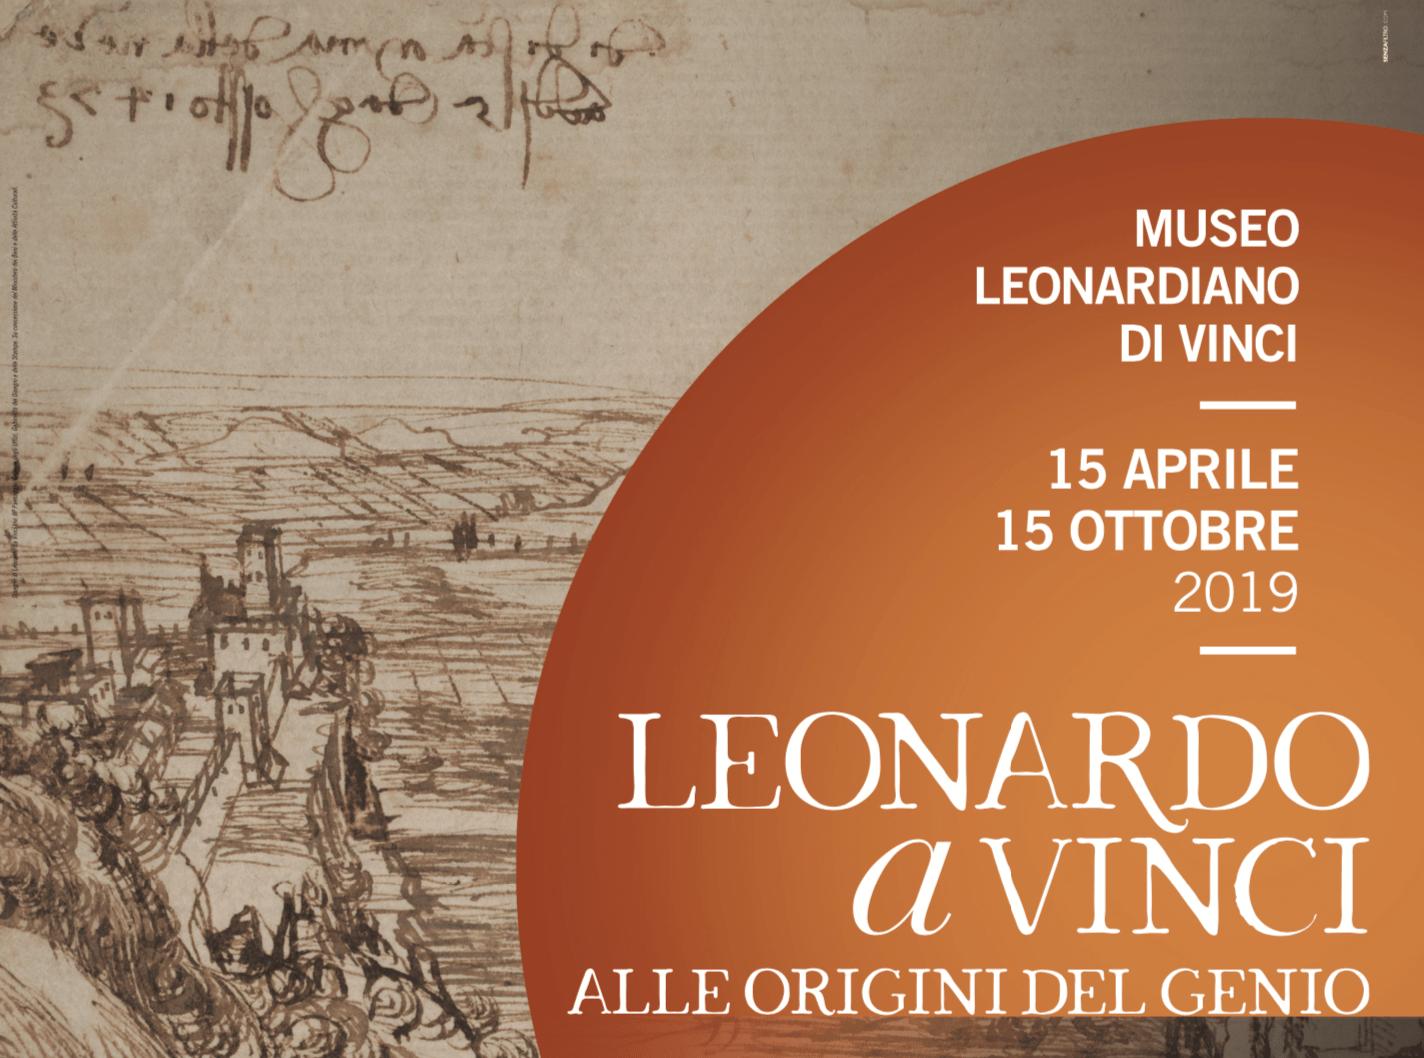 Leonardo e le sue origini in mostra a Vinci